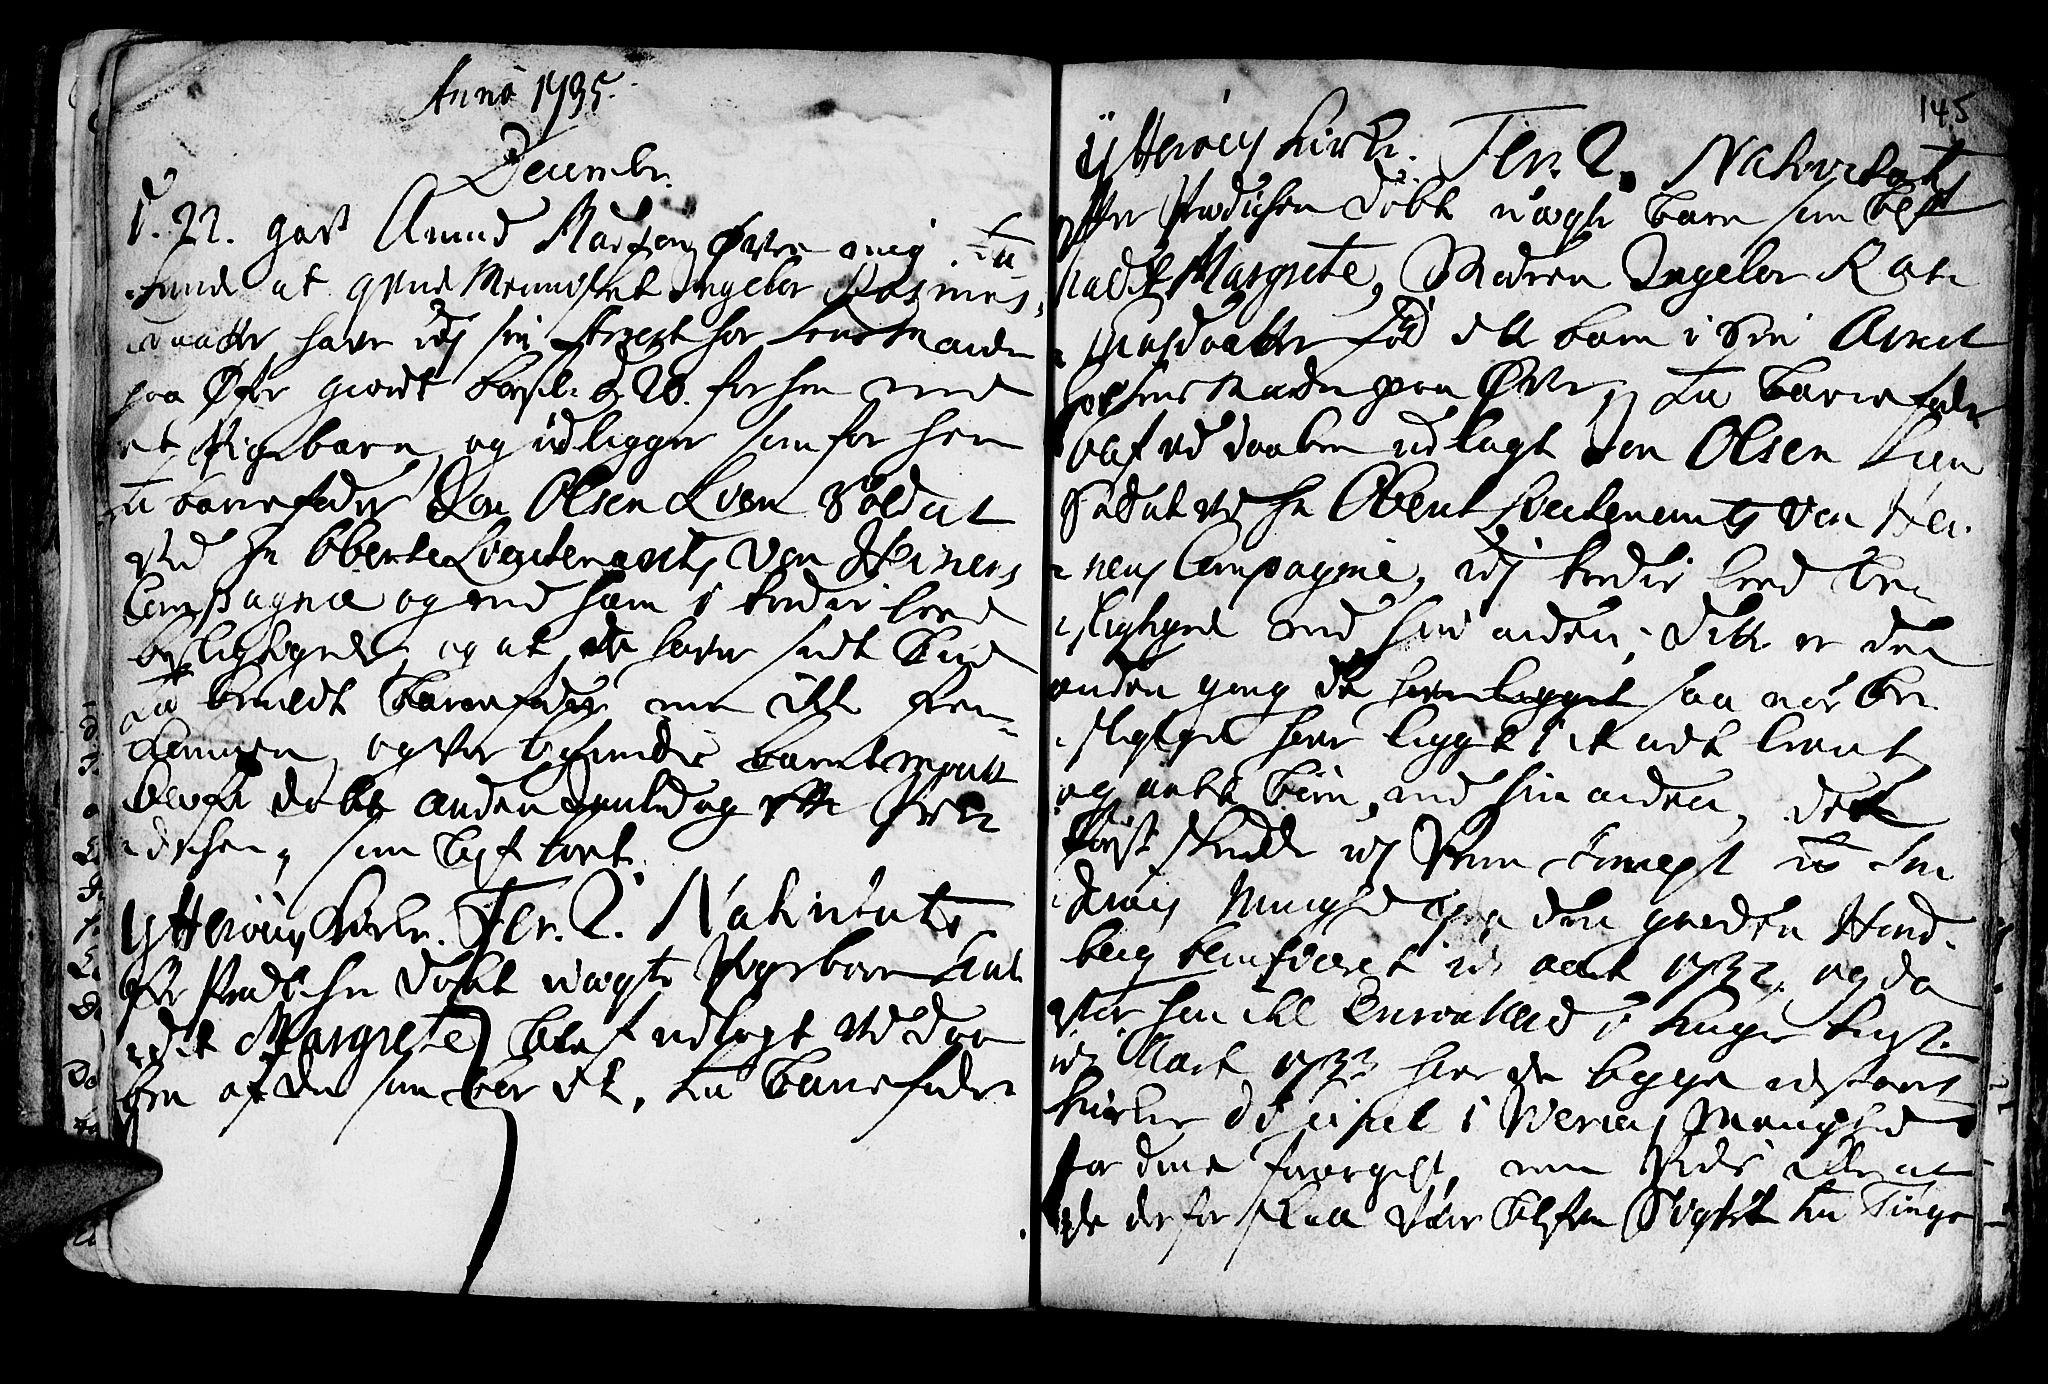 SAT, Ministerialprotokoller, klokkerbøker og fødselsregistre - Nord-Trøndelag, 722/L0215: Ministerialbok nr. 722A02, 1718-1755, s. 145